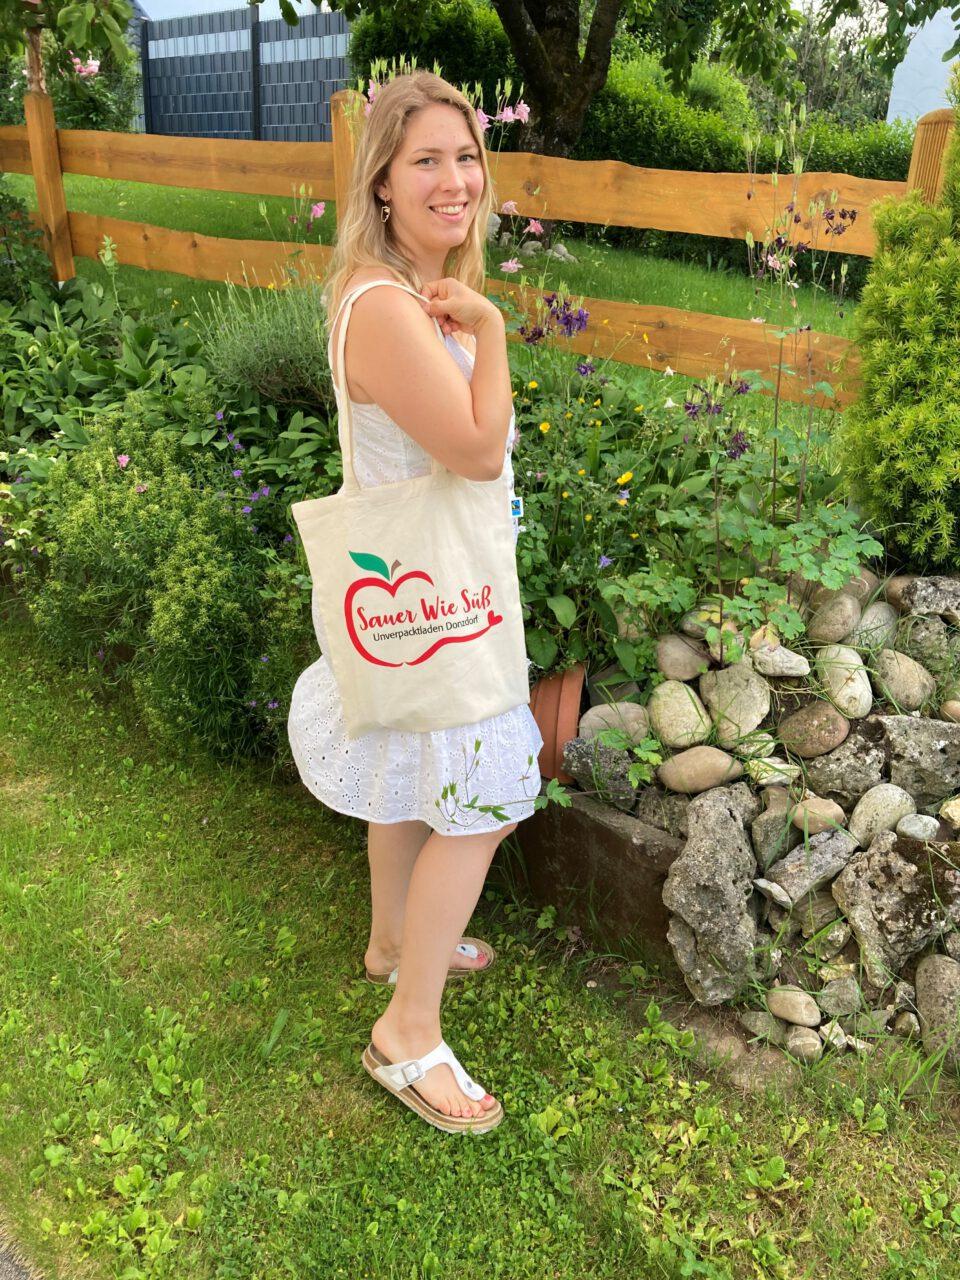 Biobaumwolltasche mit Sauer wie Süß Logo